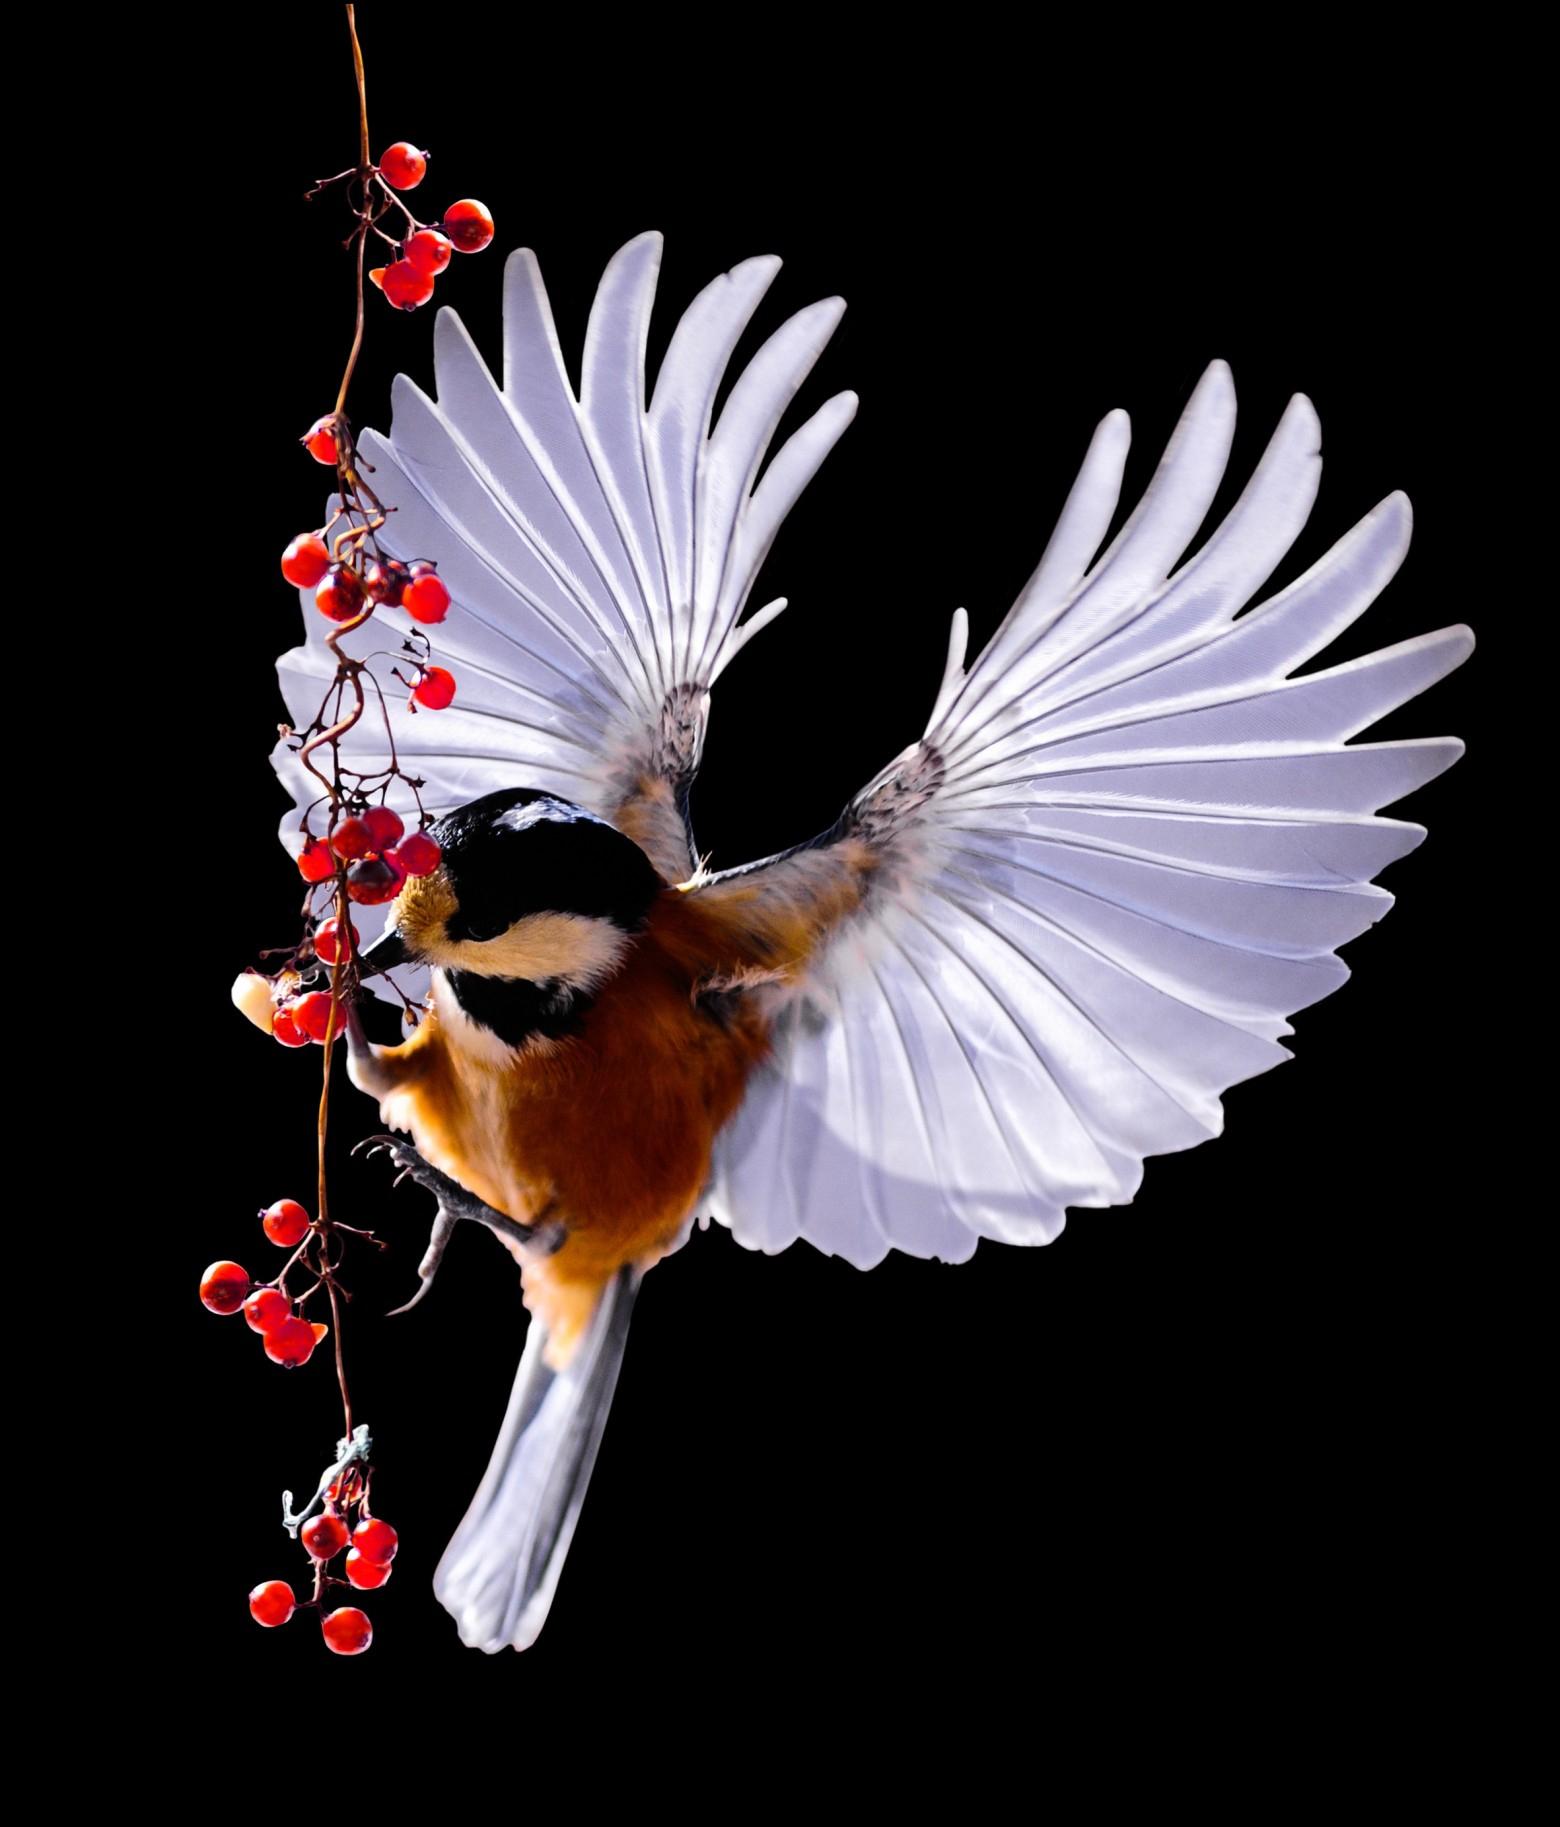 Oiseau Mésange Vol Photos Gratuites | Images Gratuites Et à Images D Oiseaux Gratuites